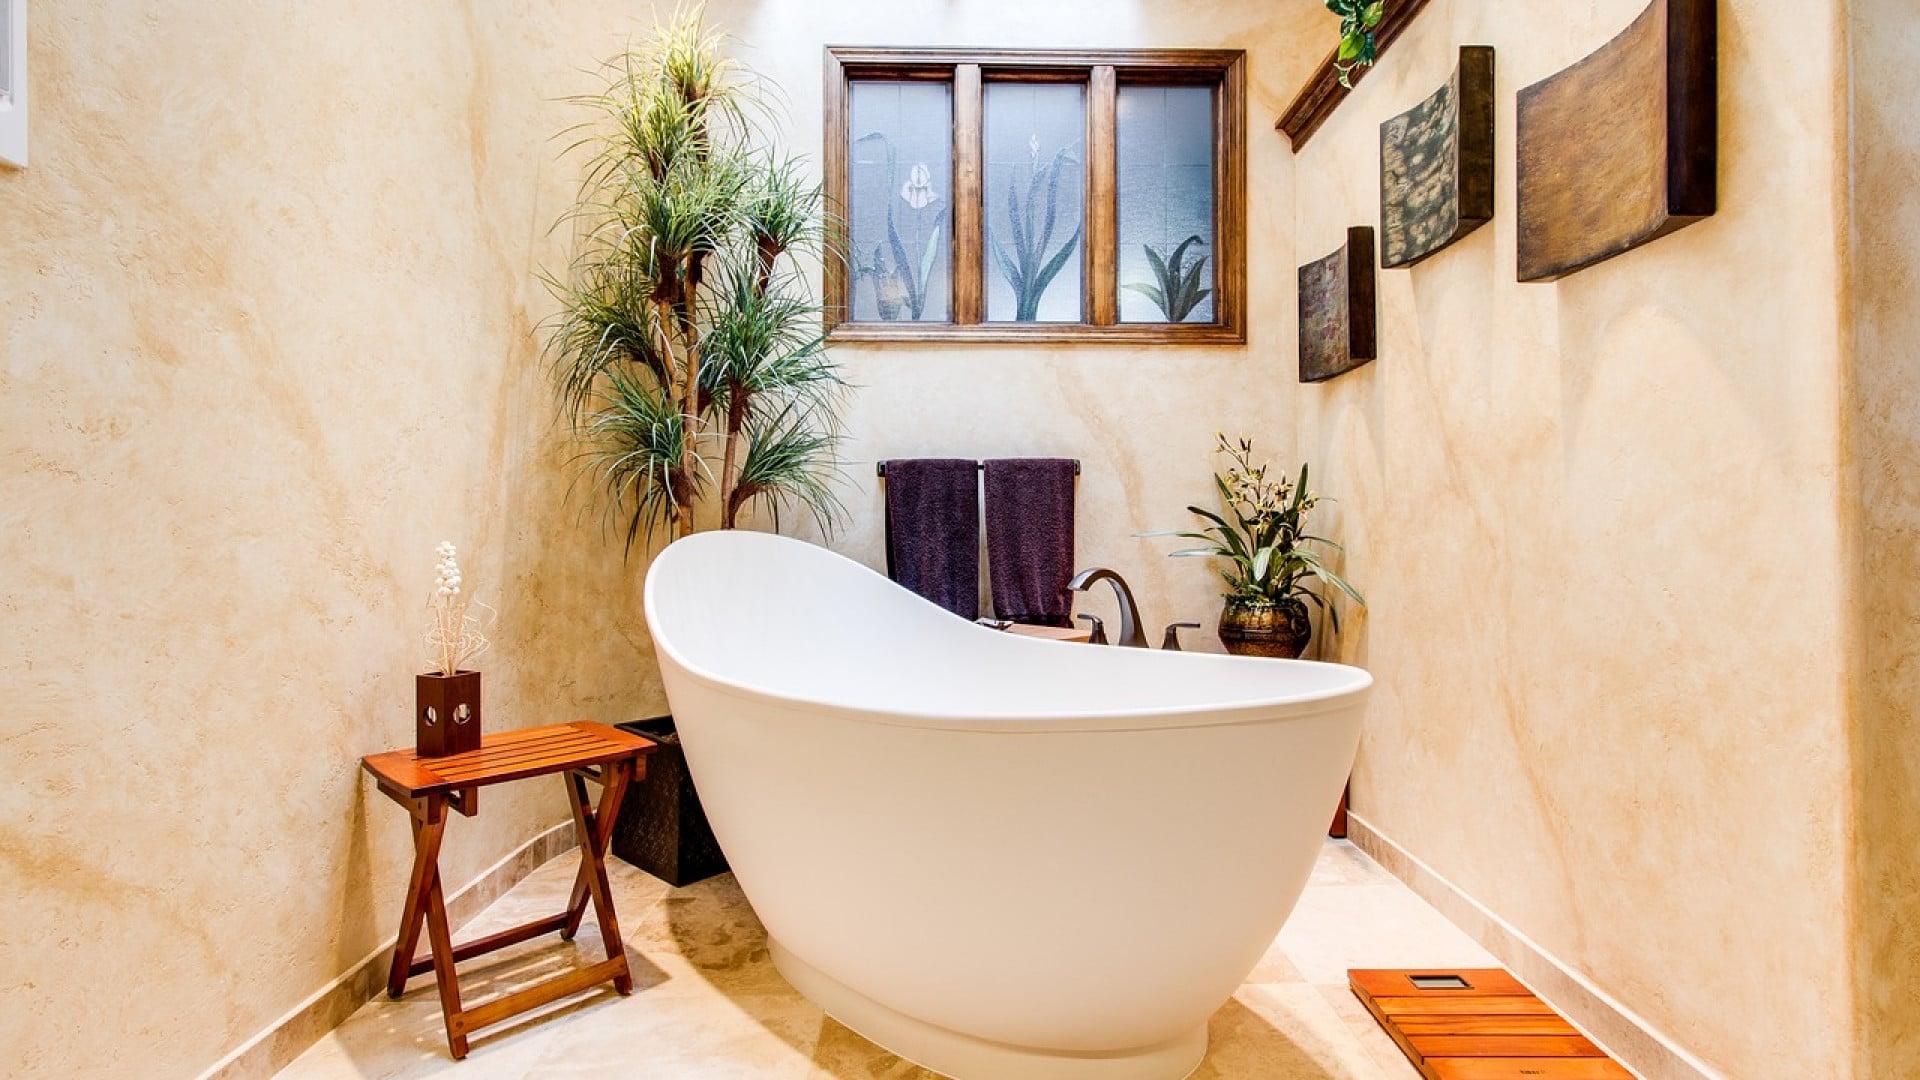 Pourquoi opter pour un meuble design dans votre salle de bain ?